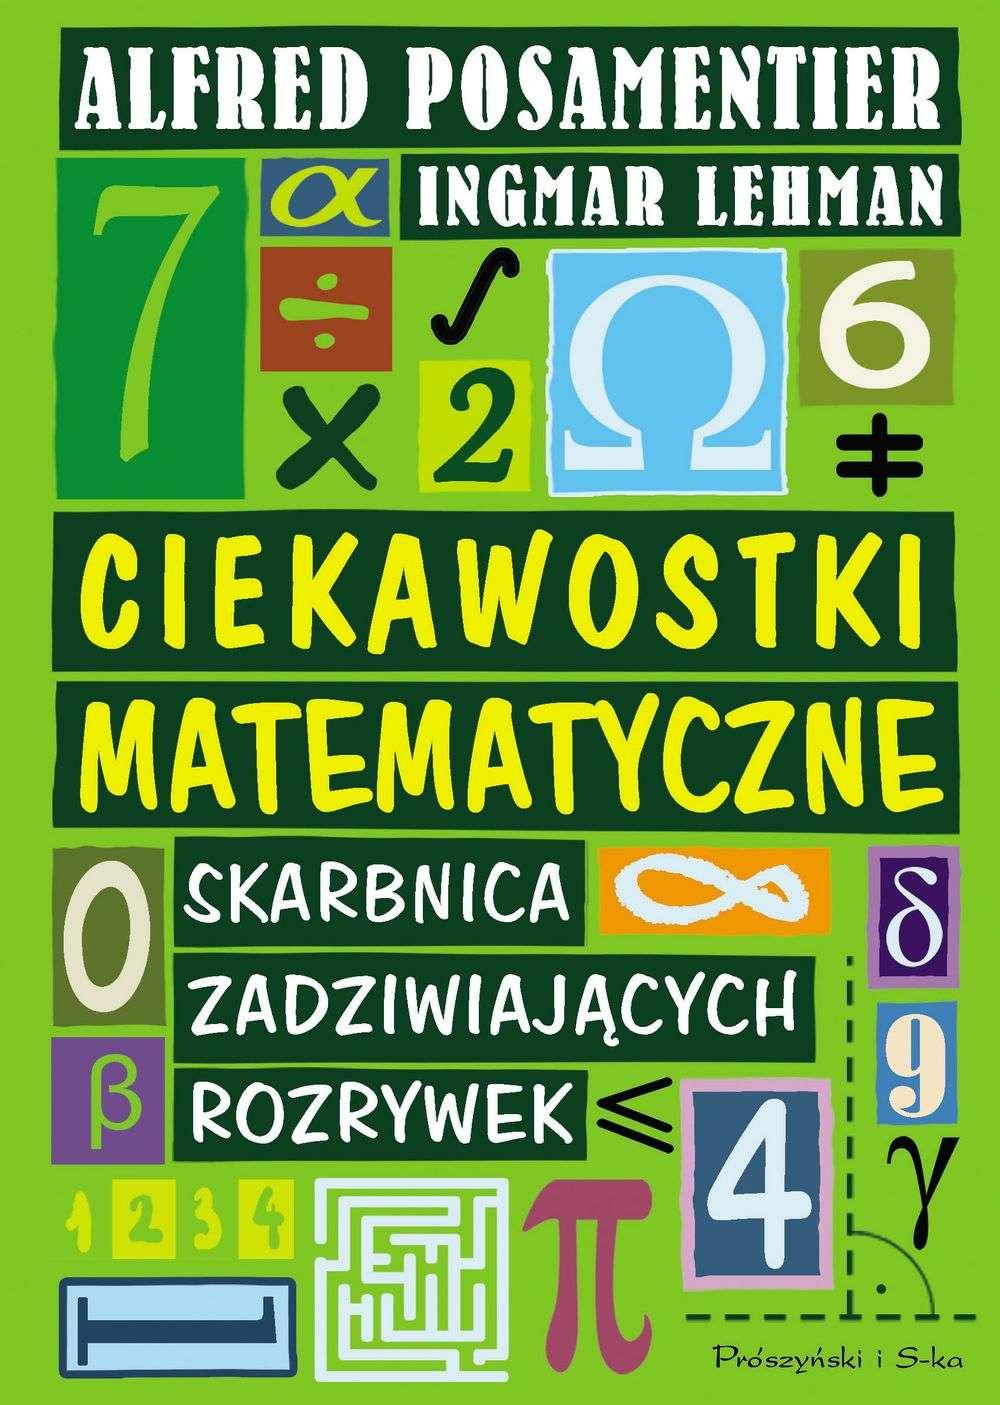 Ciekawostki_matematyczne._Skarbnica_zadziwiajacych_rozrywek